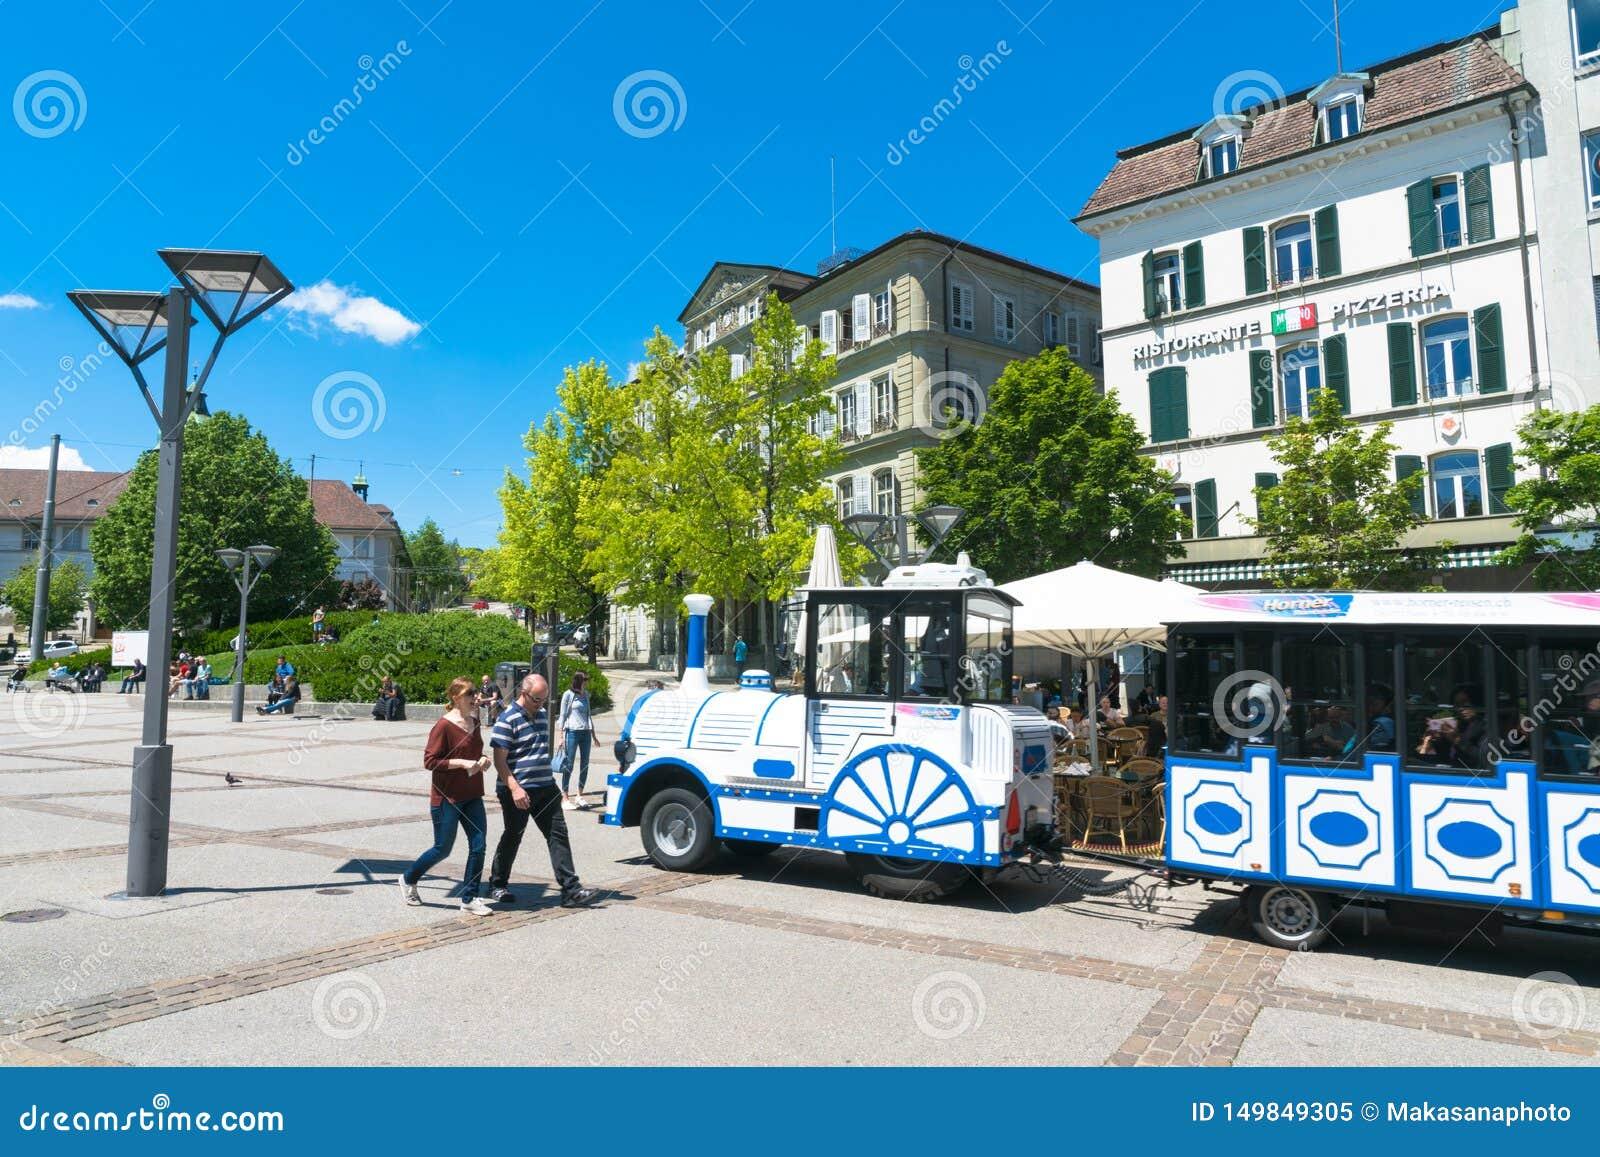 弗里堡,瑞士5月FR//30日2019年:蓝色和白色微型火车旅行通过古城弗里堡与